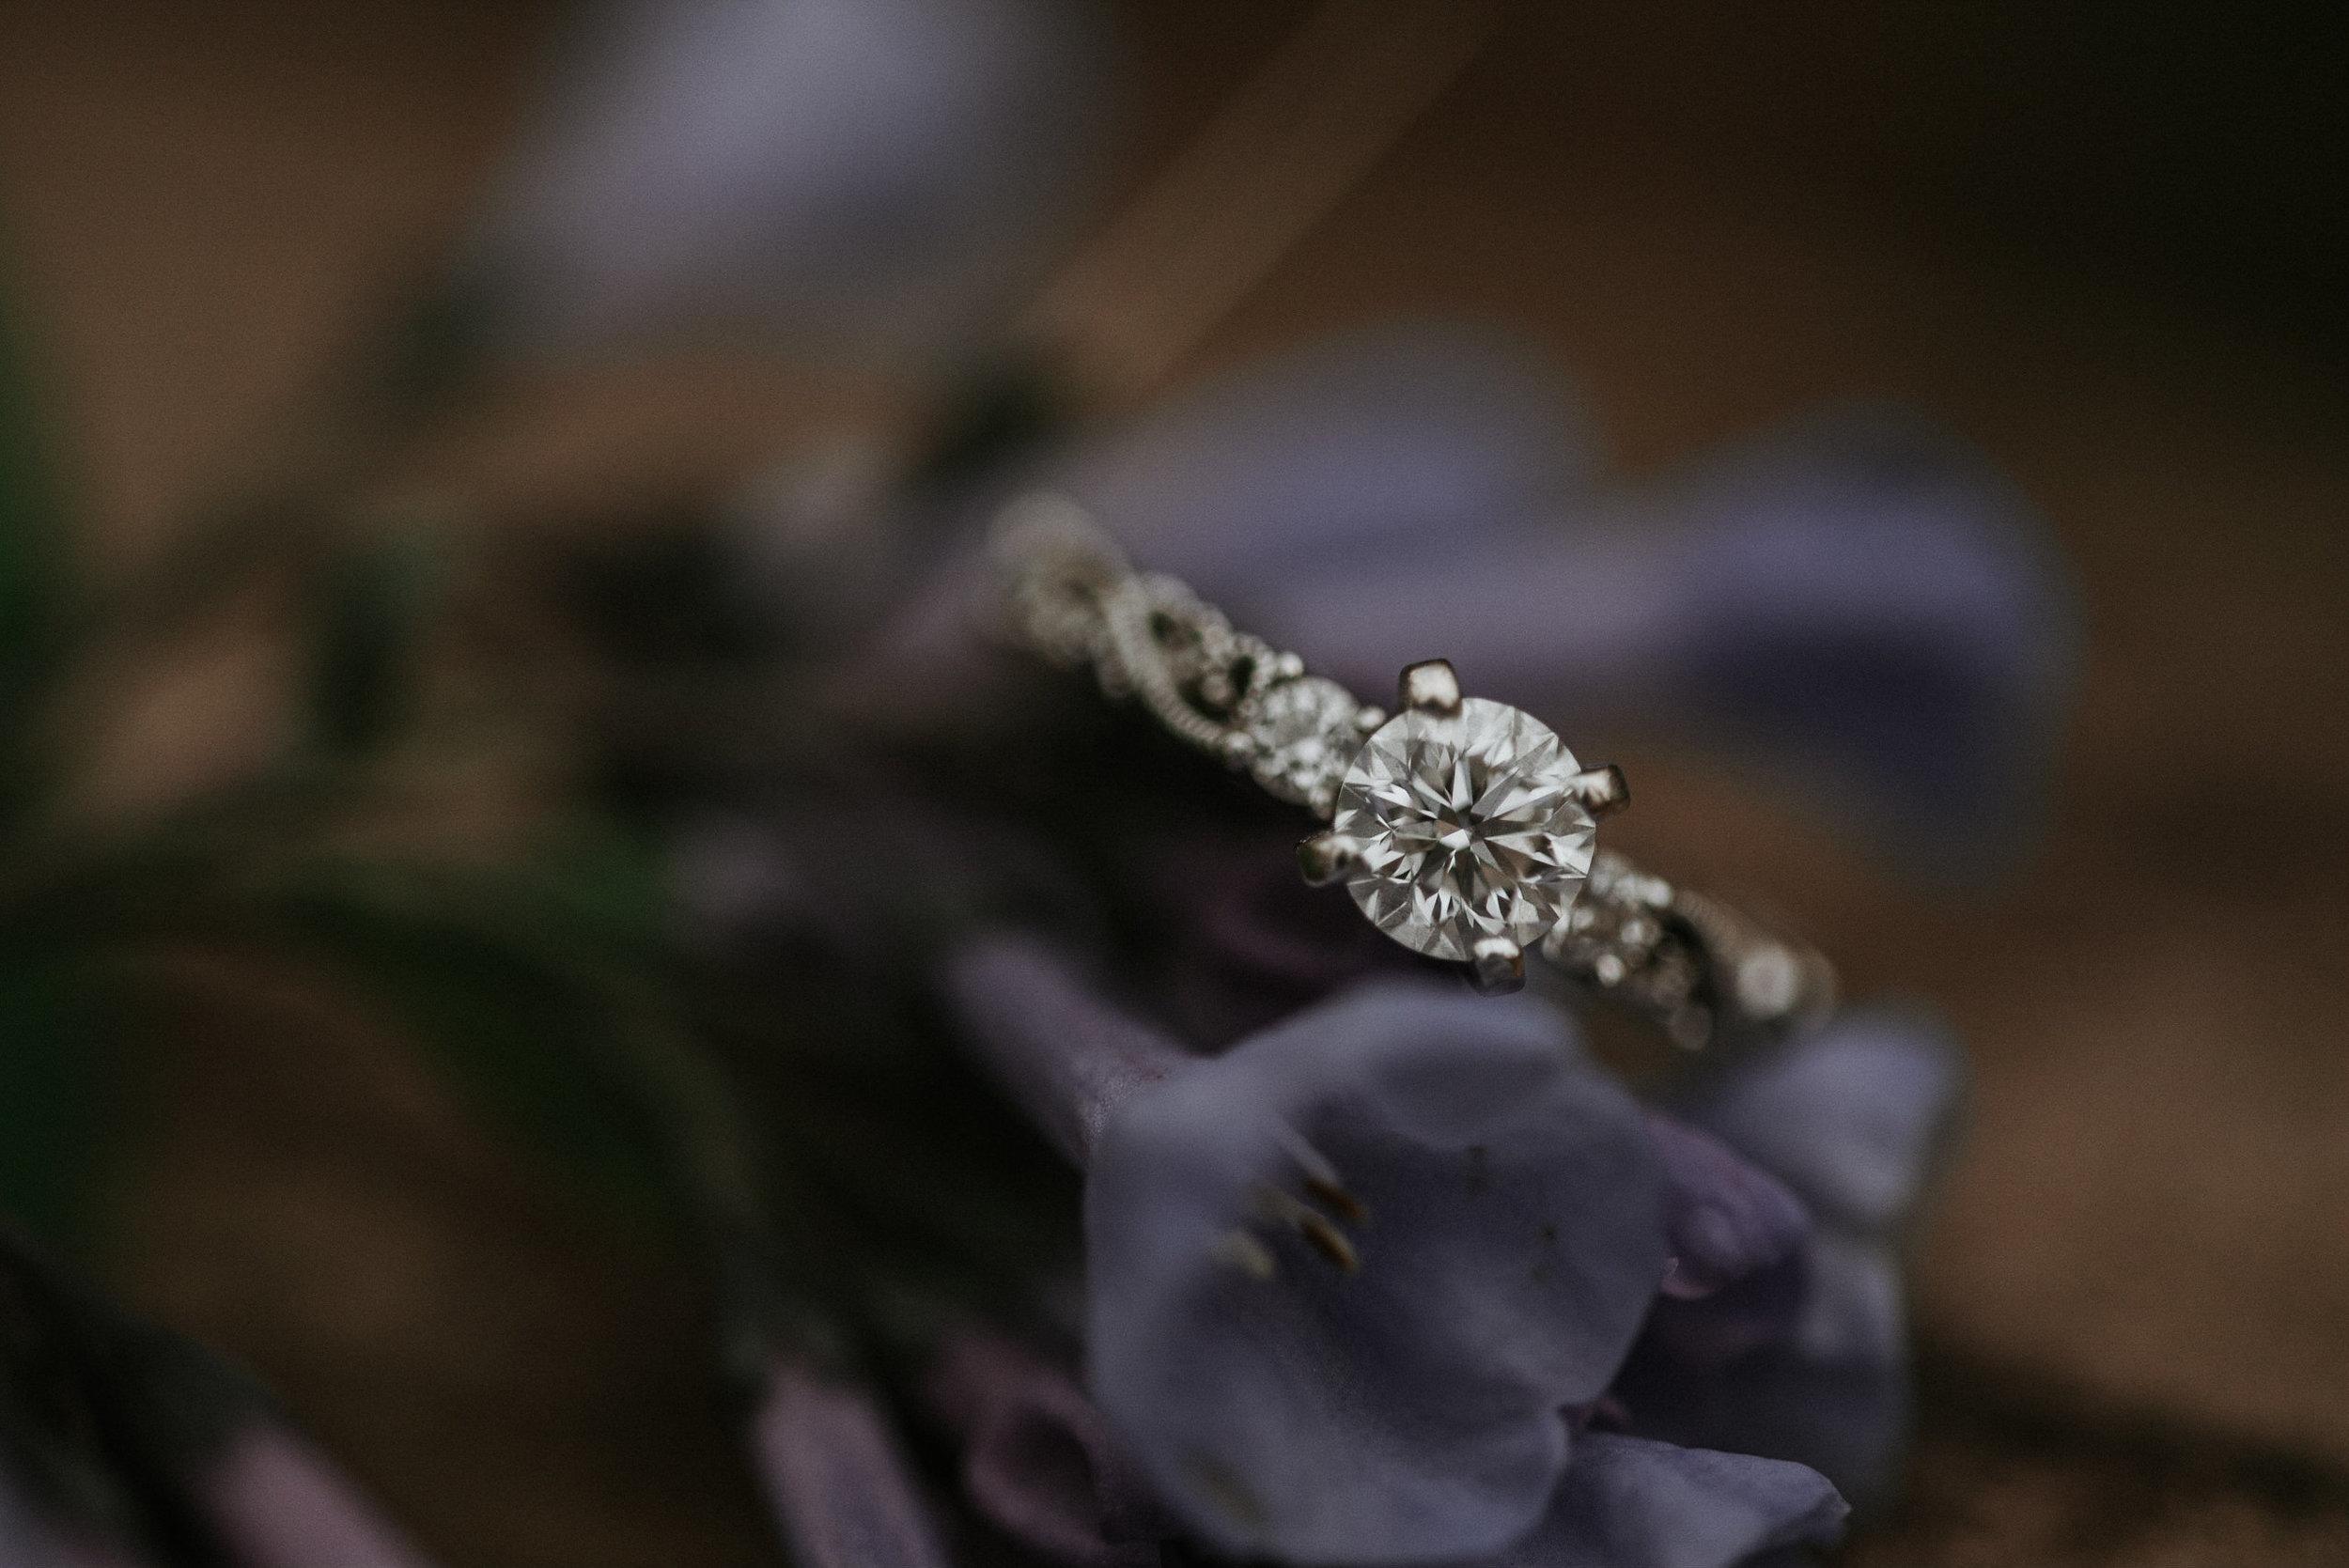 Engagement ring on foliage